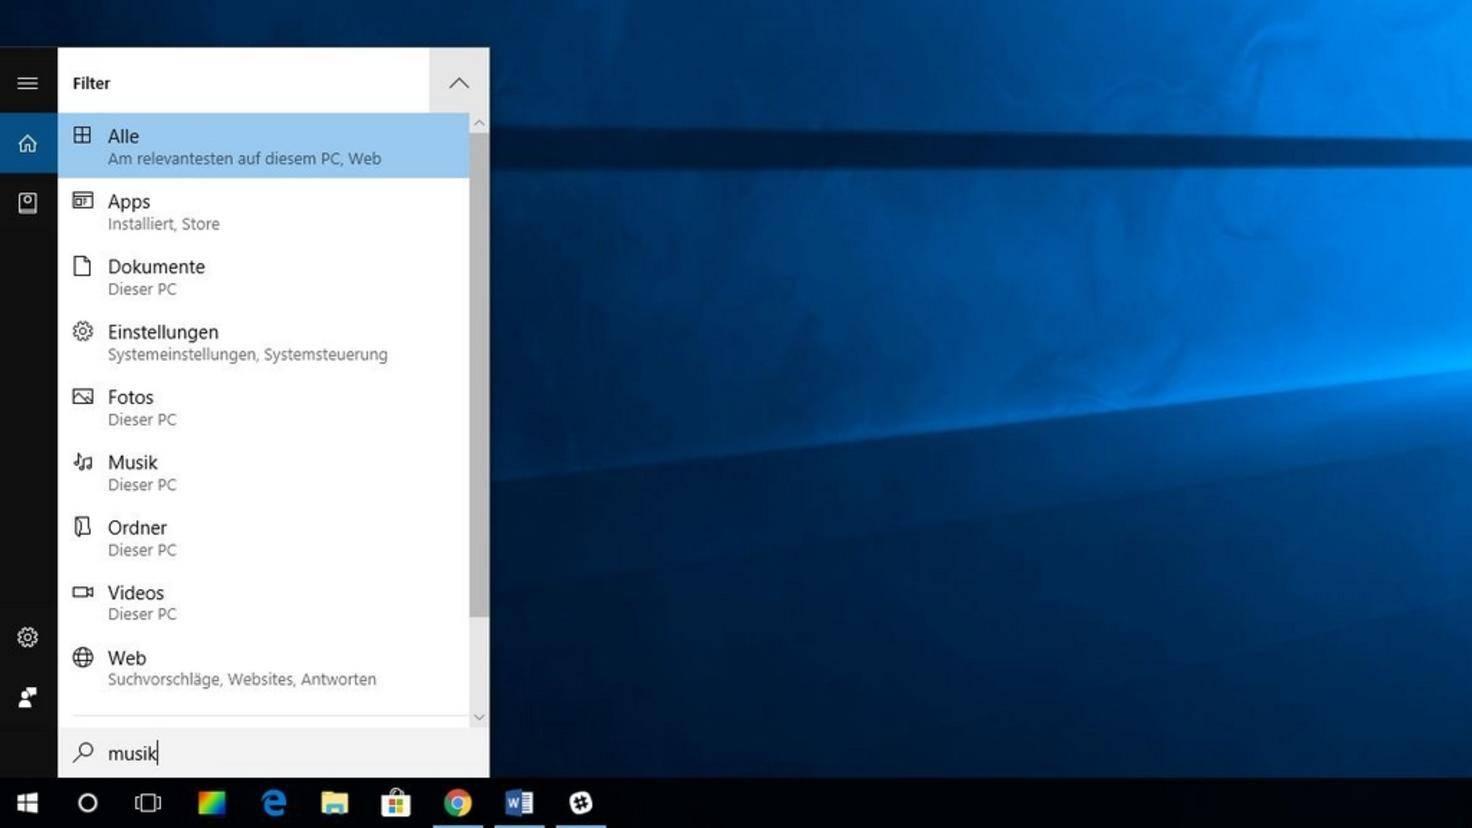 Die Cortana- bzw. Desktop-Suche ist der einfachste und direkteste Weg, um in Windows 10 etwas zu suchen.